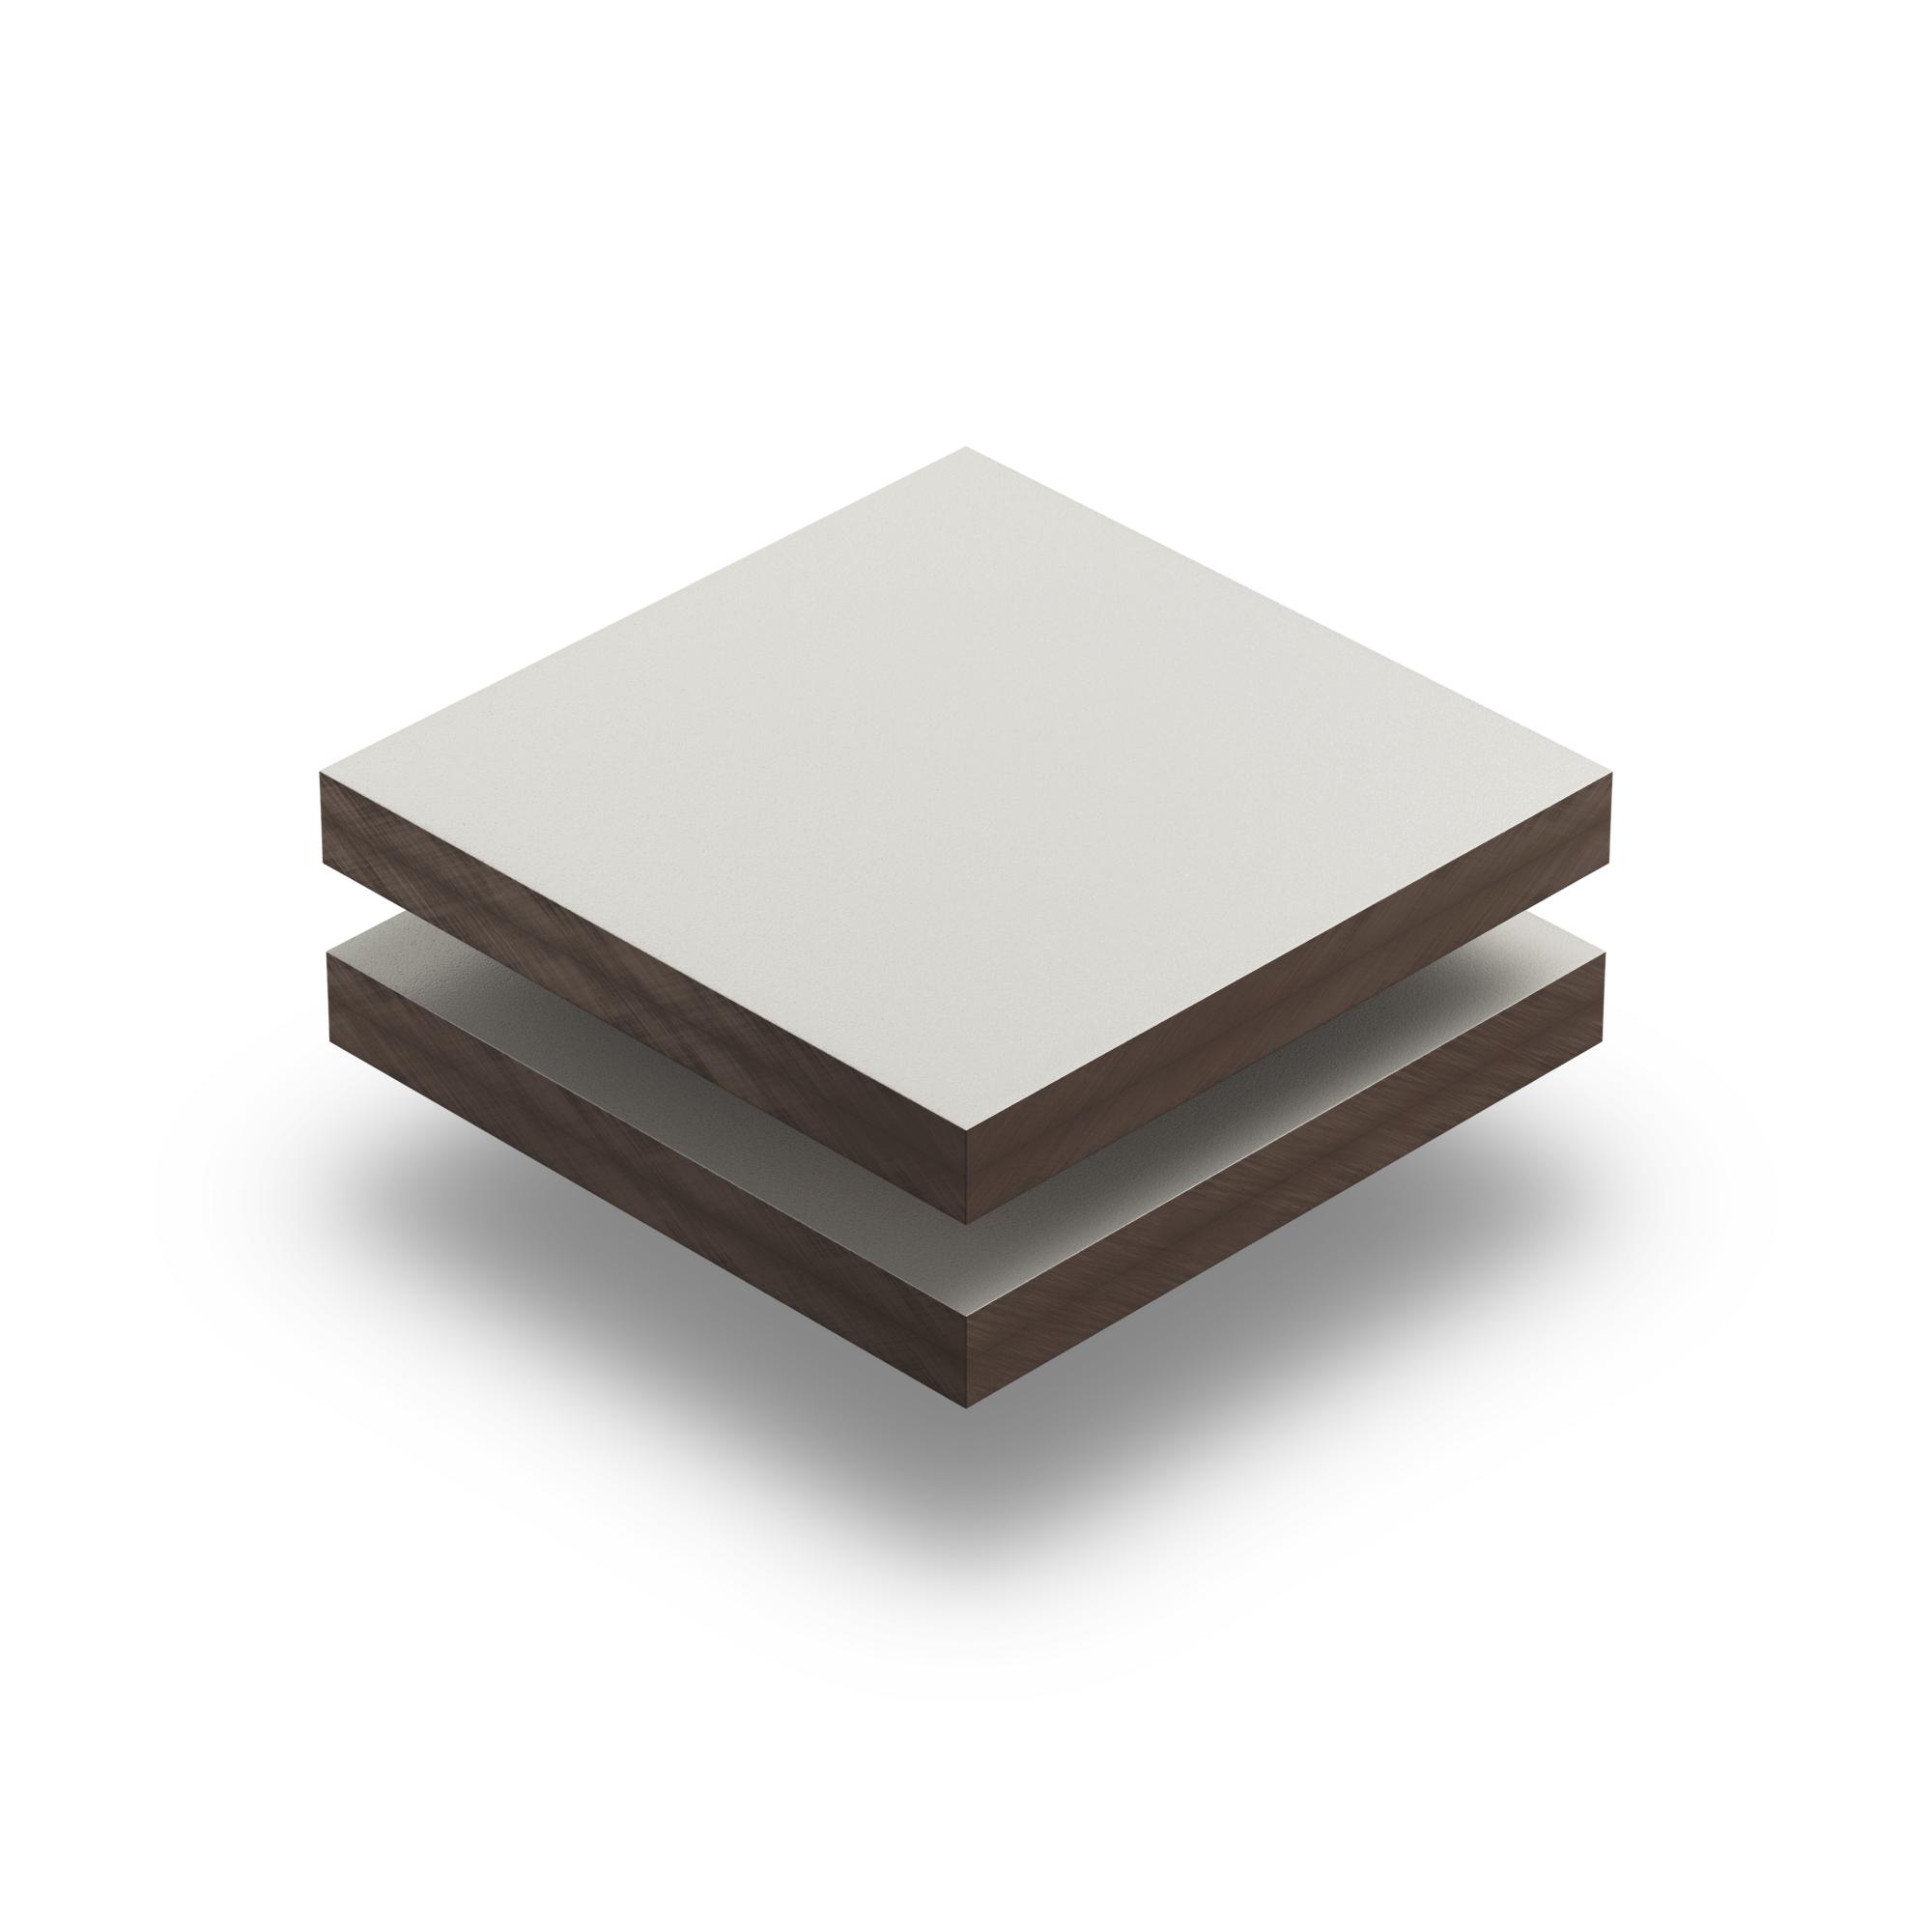 hpl plaat 6 mm licht ivoor structuur gratis op maat. Black Bedroom Furniture Sets. Home Design Ideas